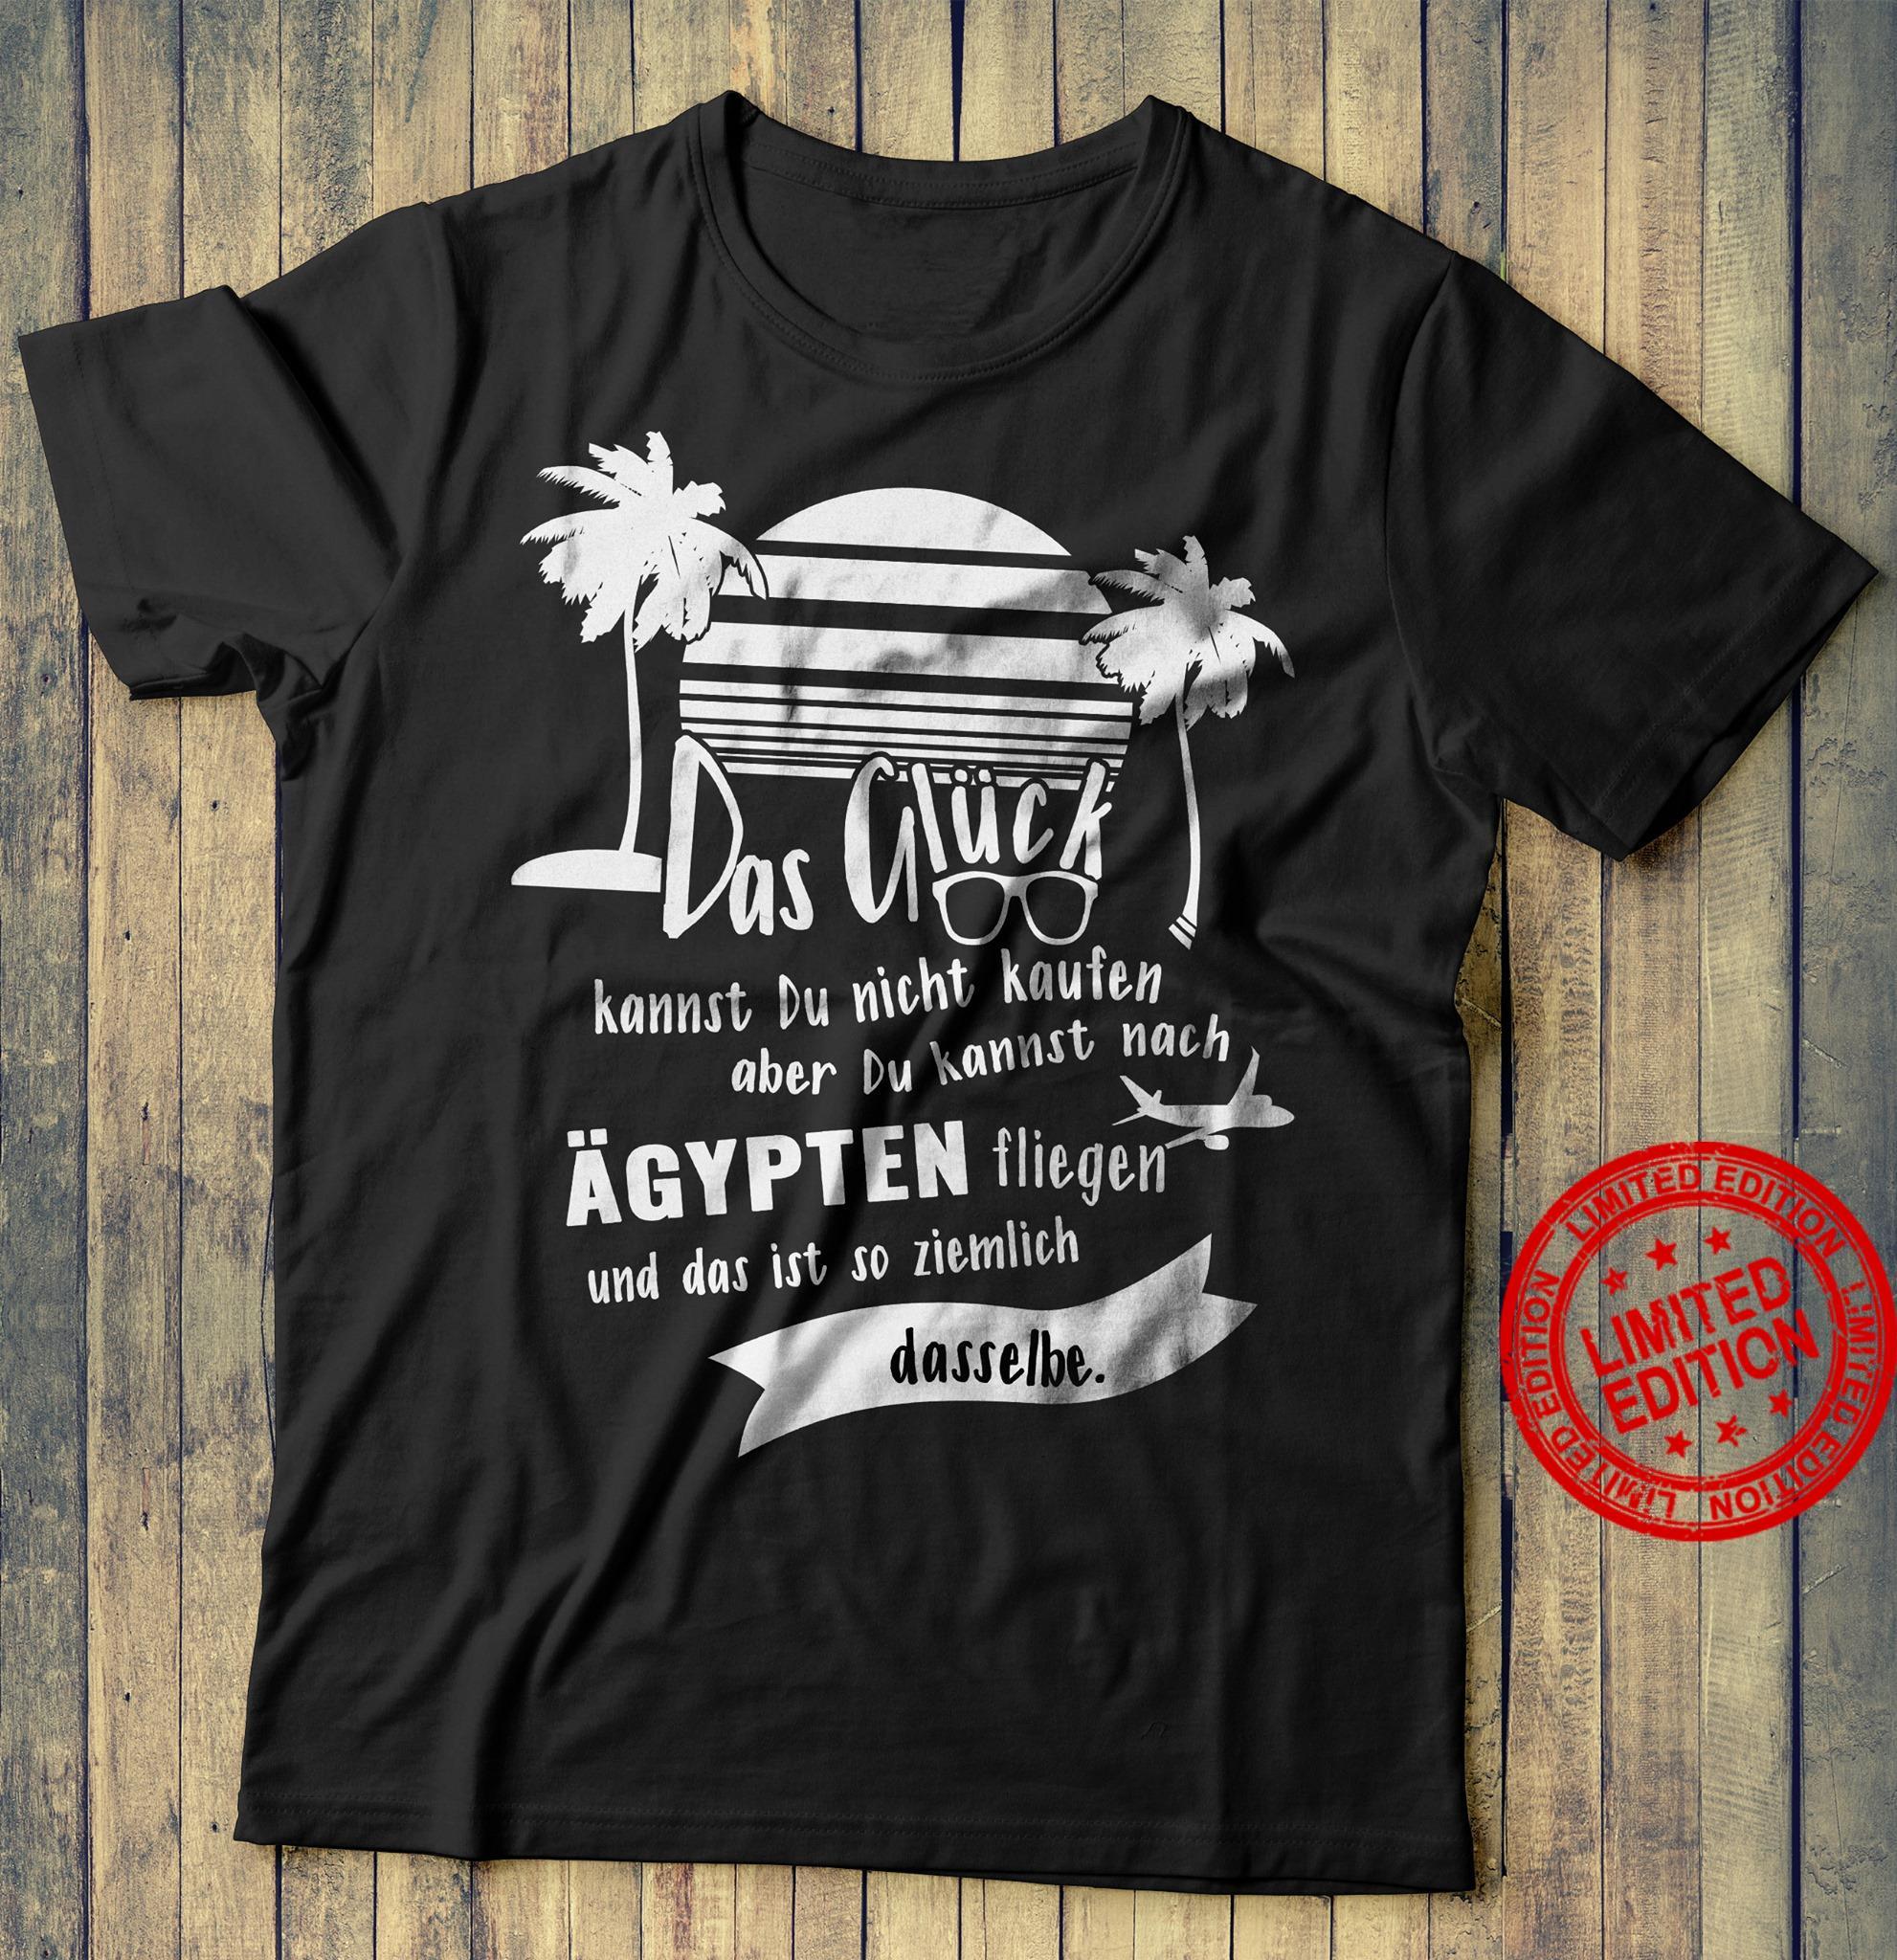 Das Gluck Kannst Du Nicht Kaufen Aber Du Kannst Nach Agypten Fliegen Shirt